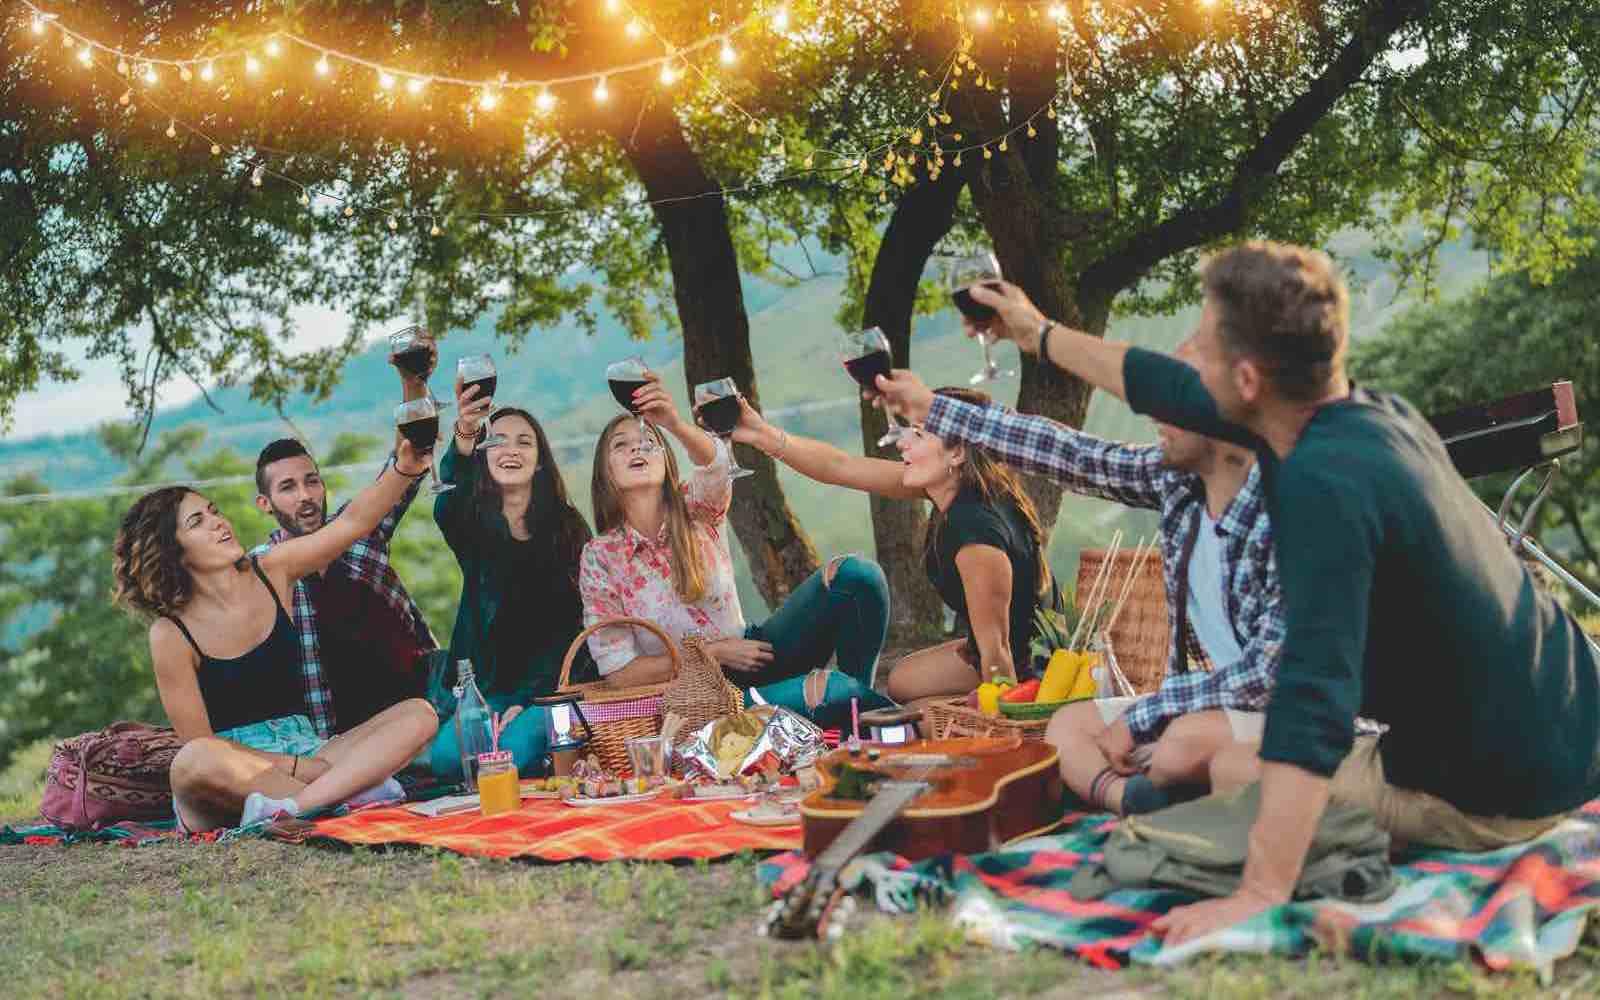 Glade enner samlet til piknik, selvsagt med vin - og en gitar